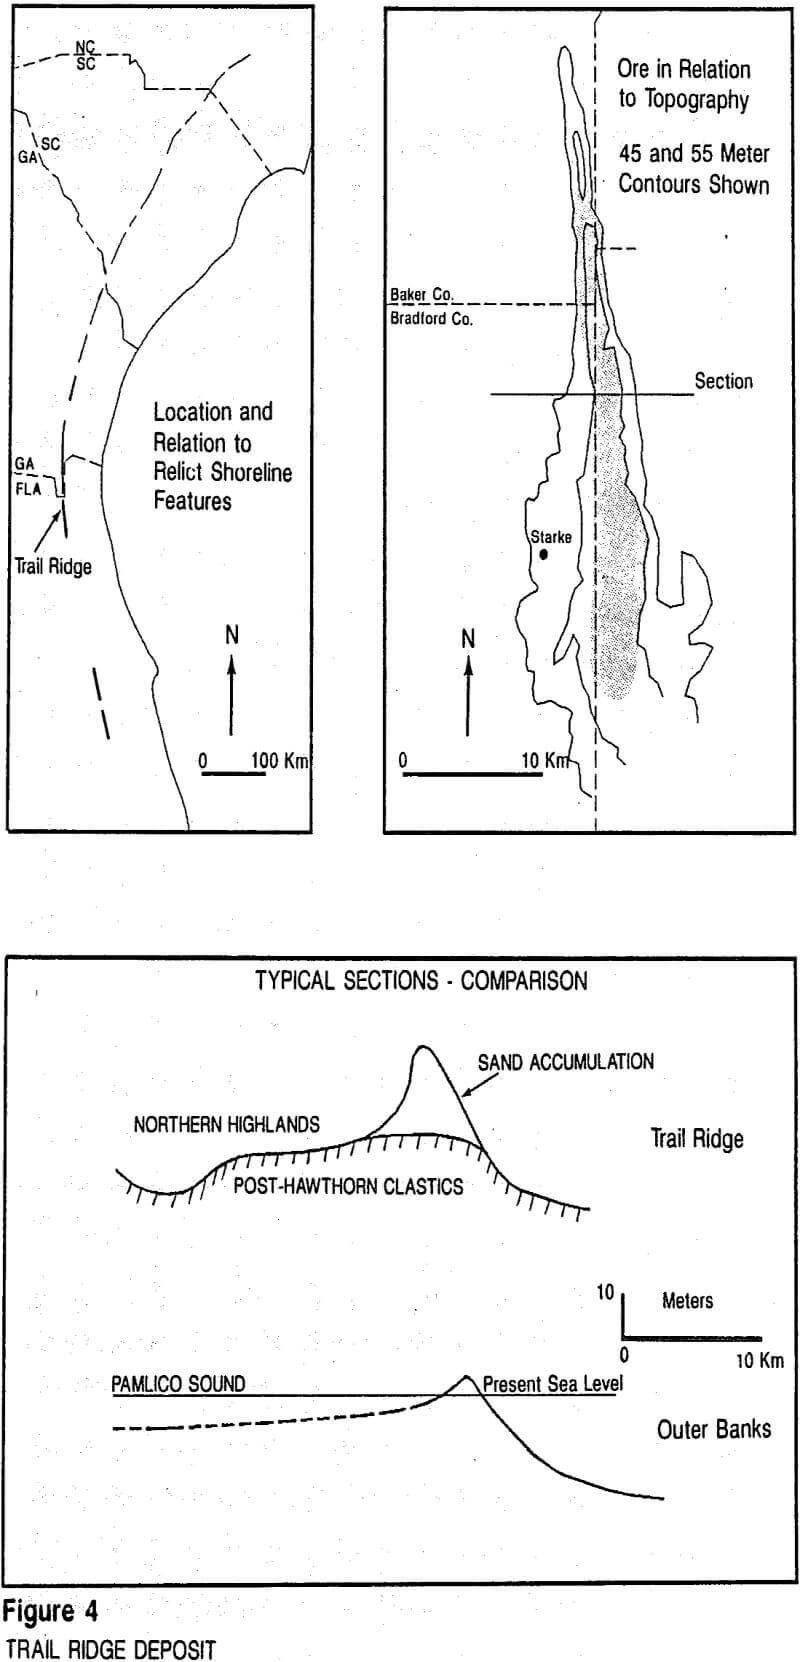 trail ridge deposit placer